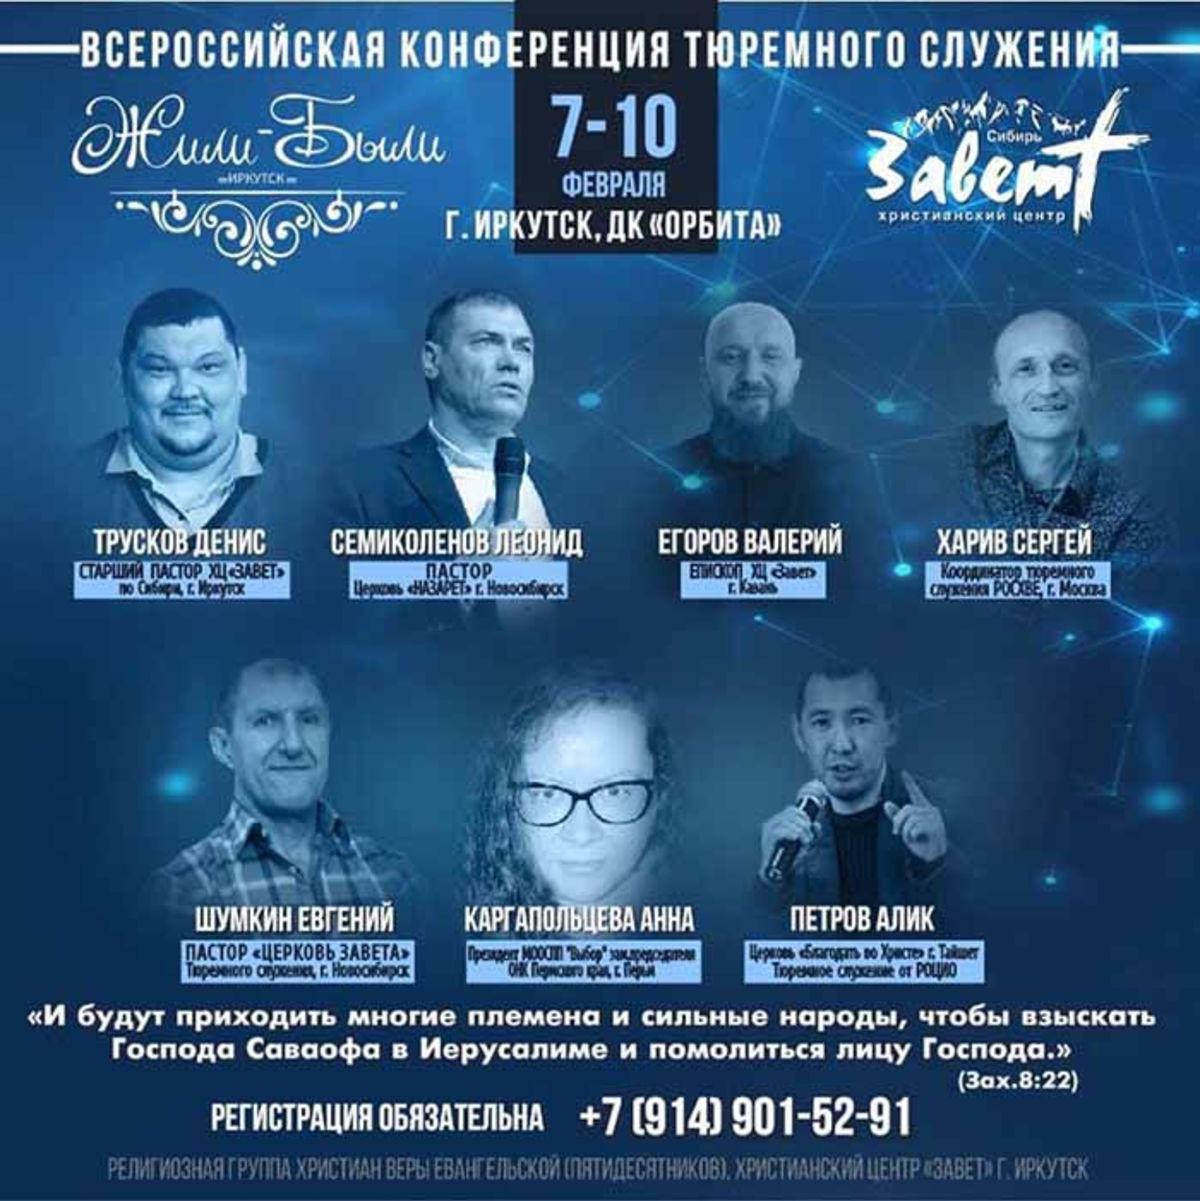 Жили-Были: ежегодная конференция для тюремных служителей пройдет в Иркутске